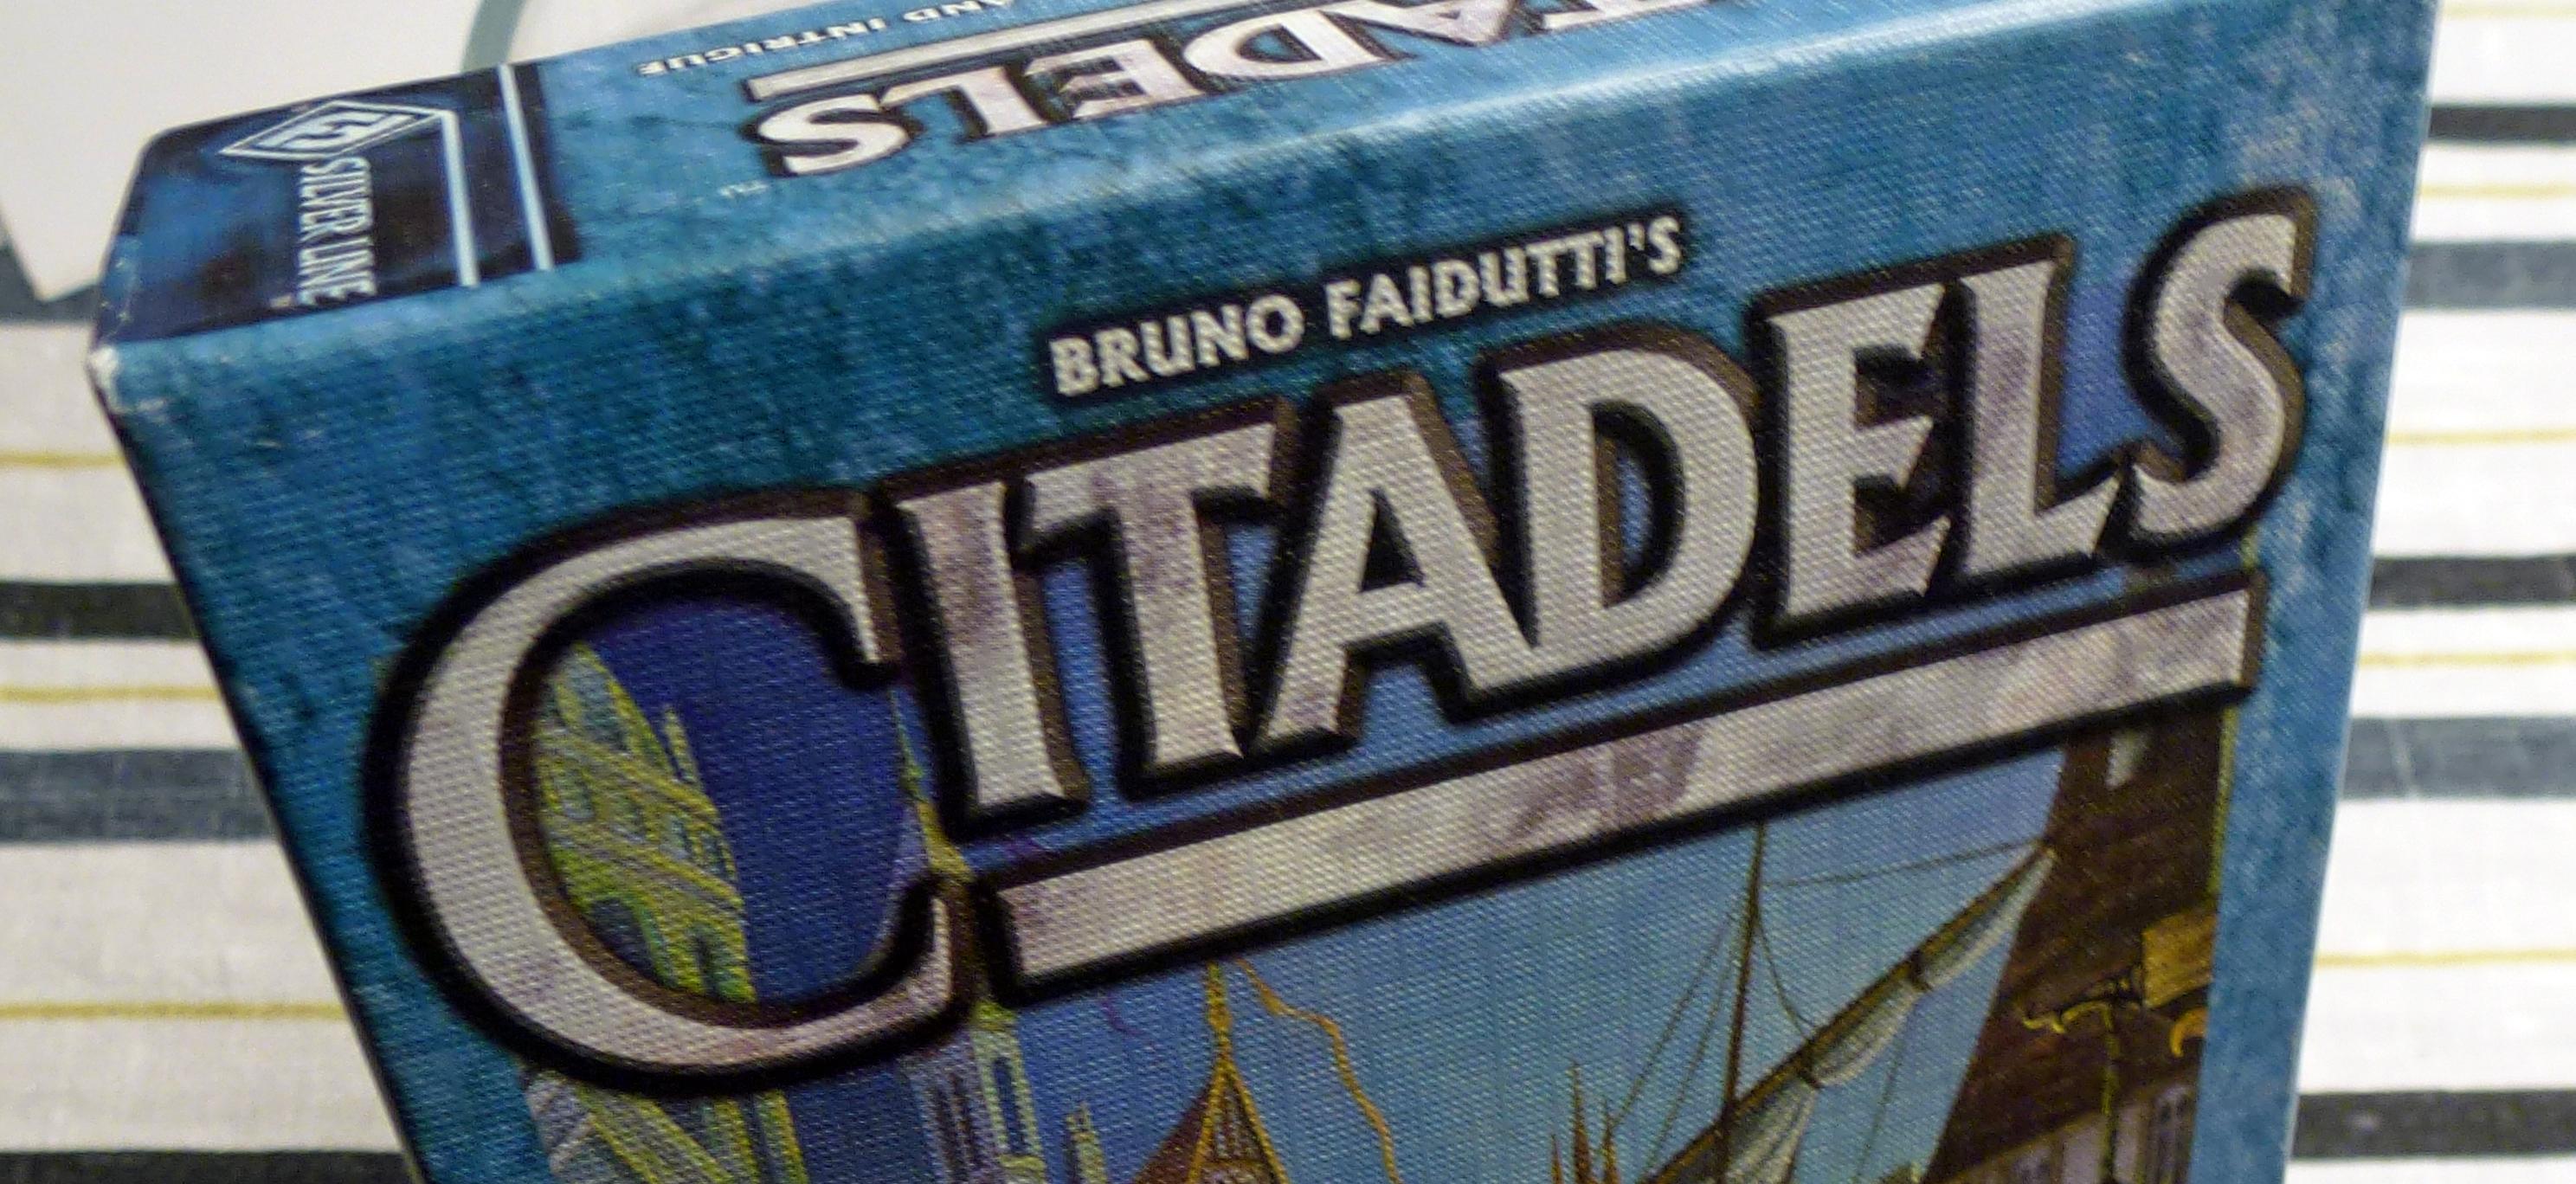 Citadels-box